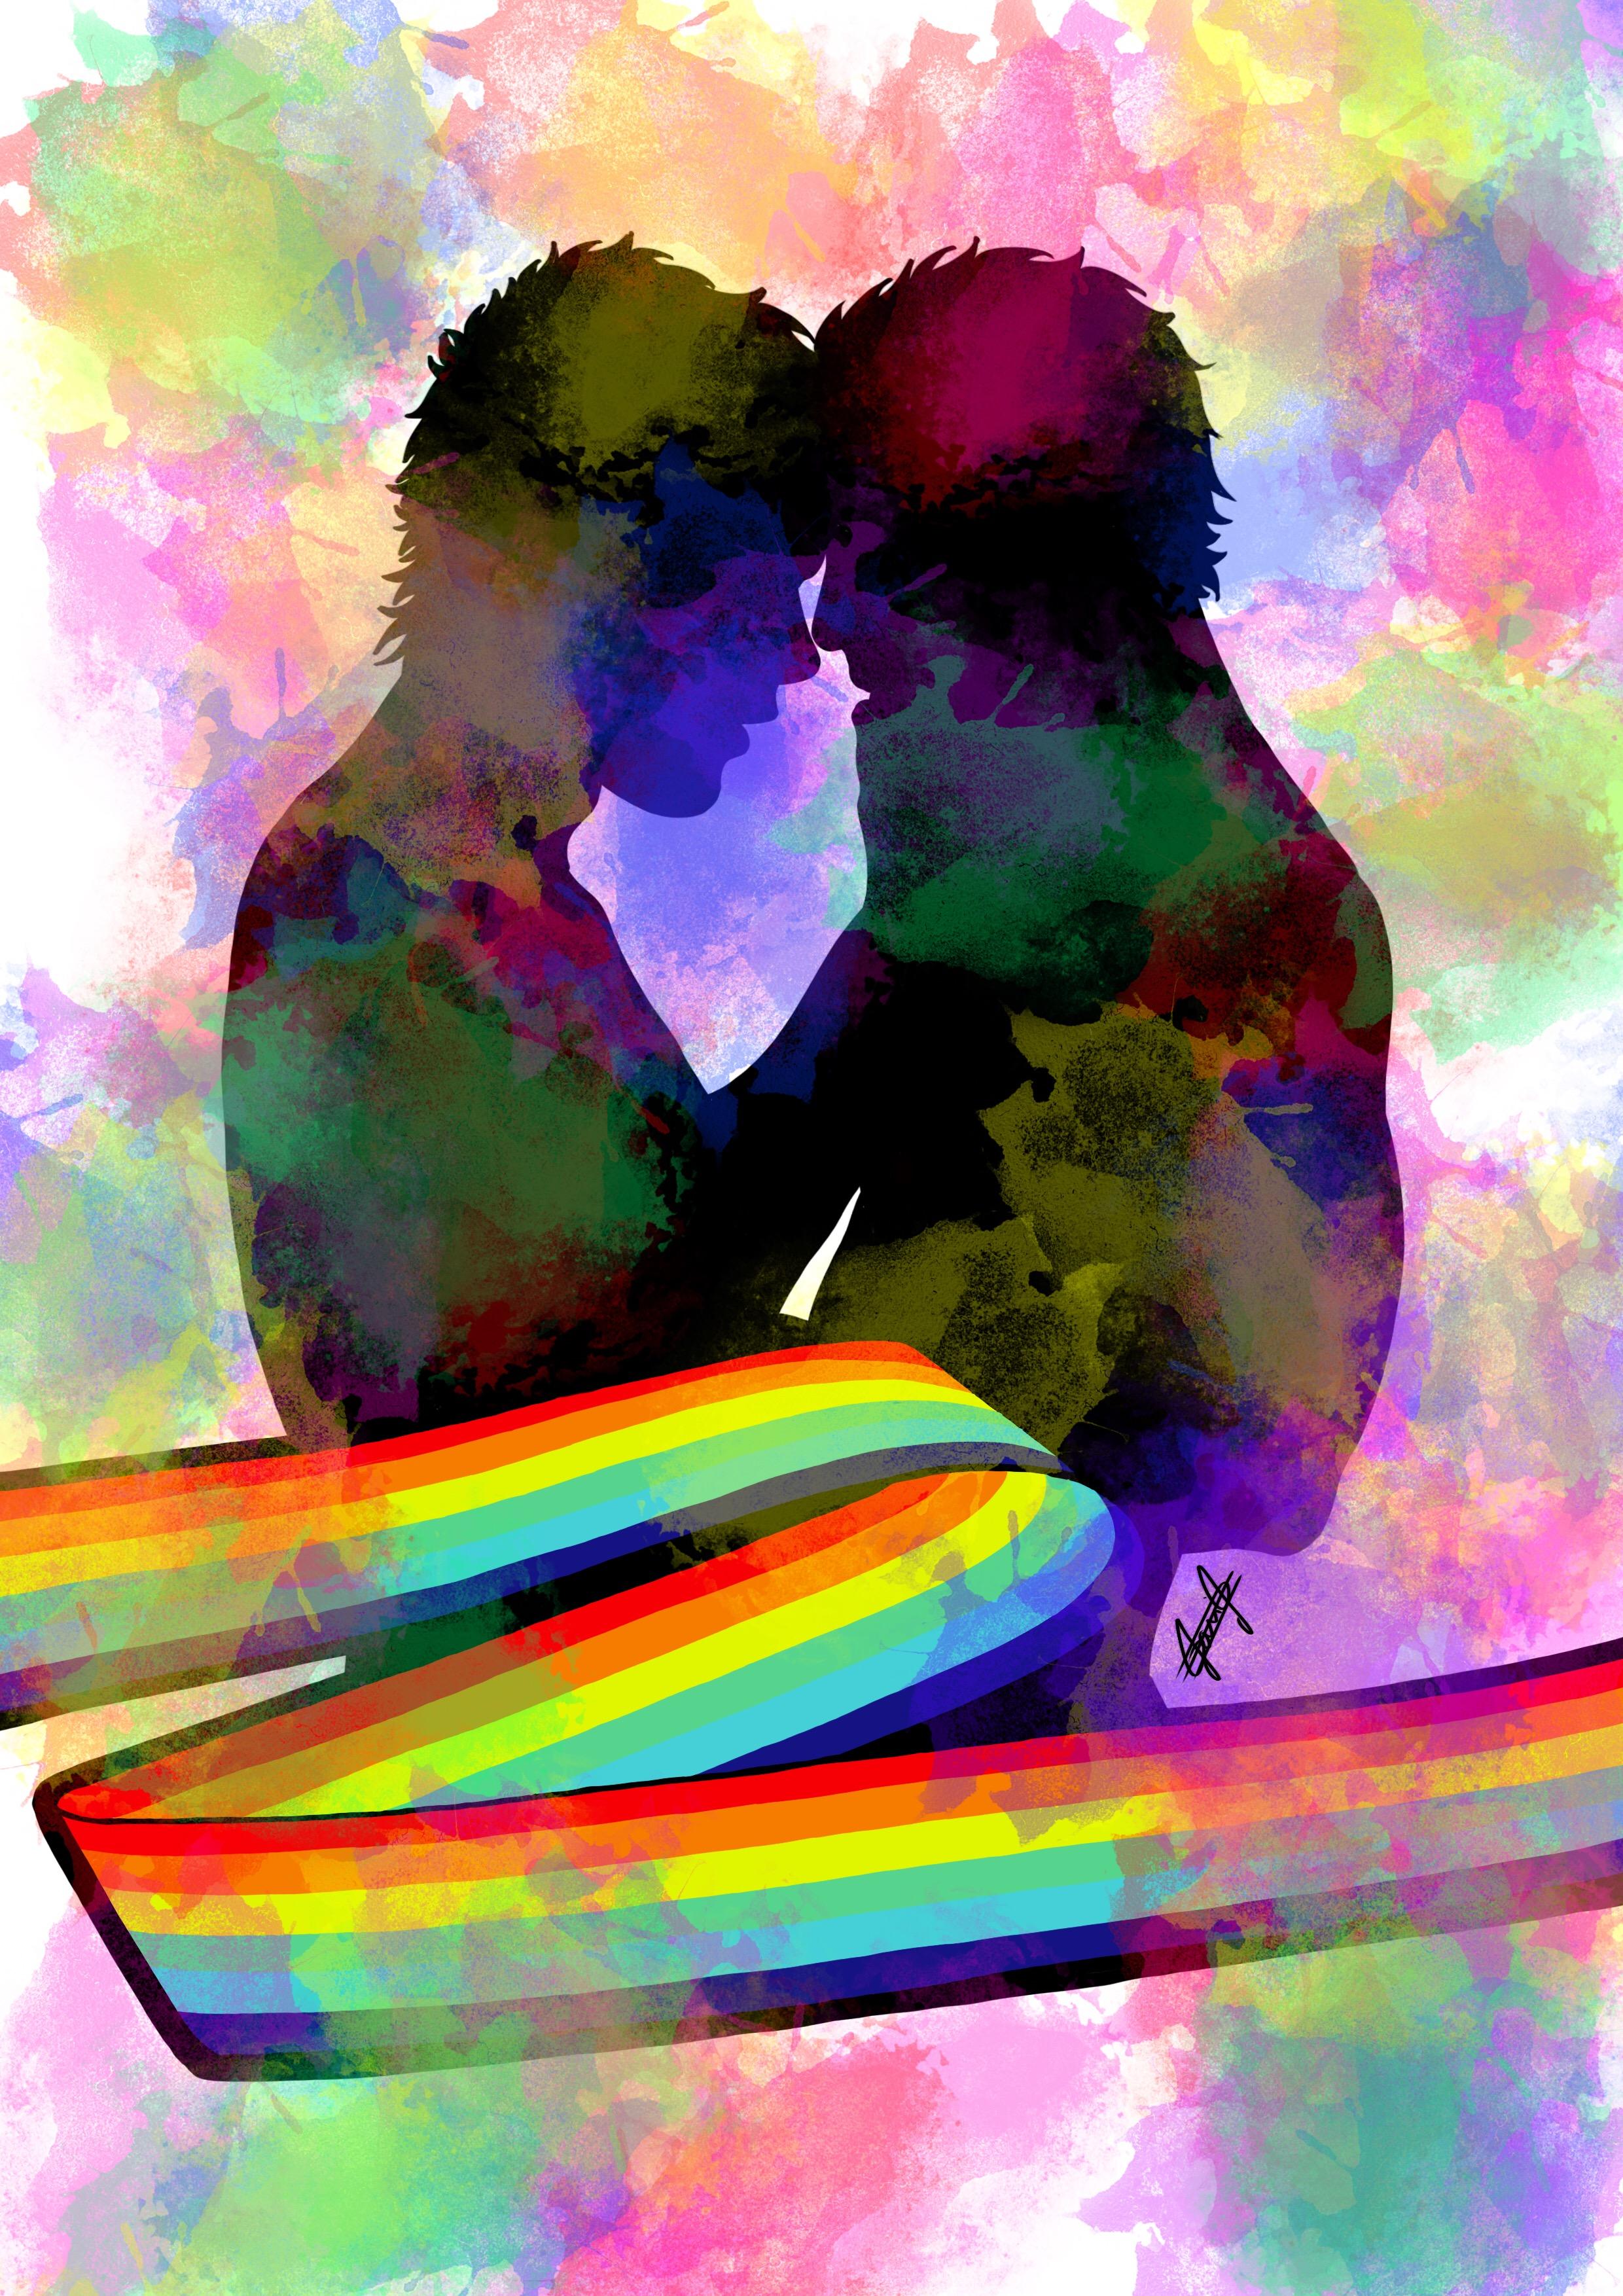 Pride_David_Pallás_Gozalo